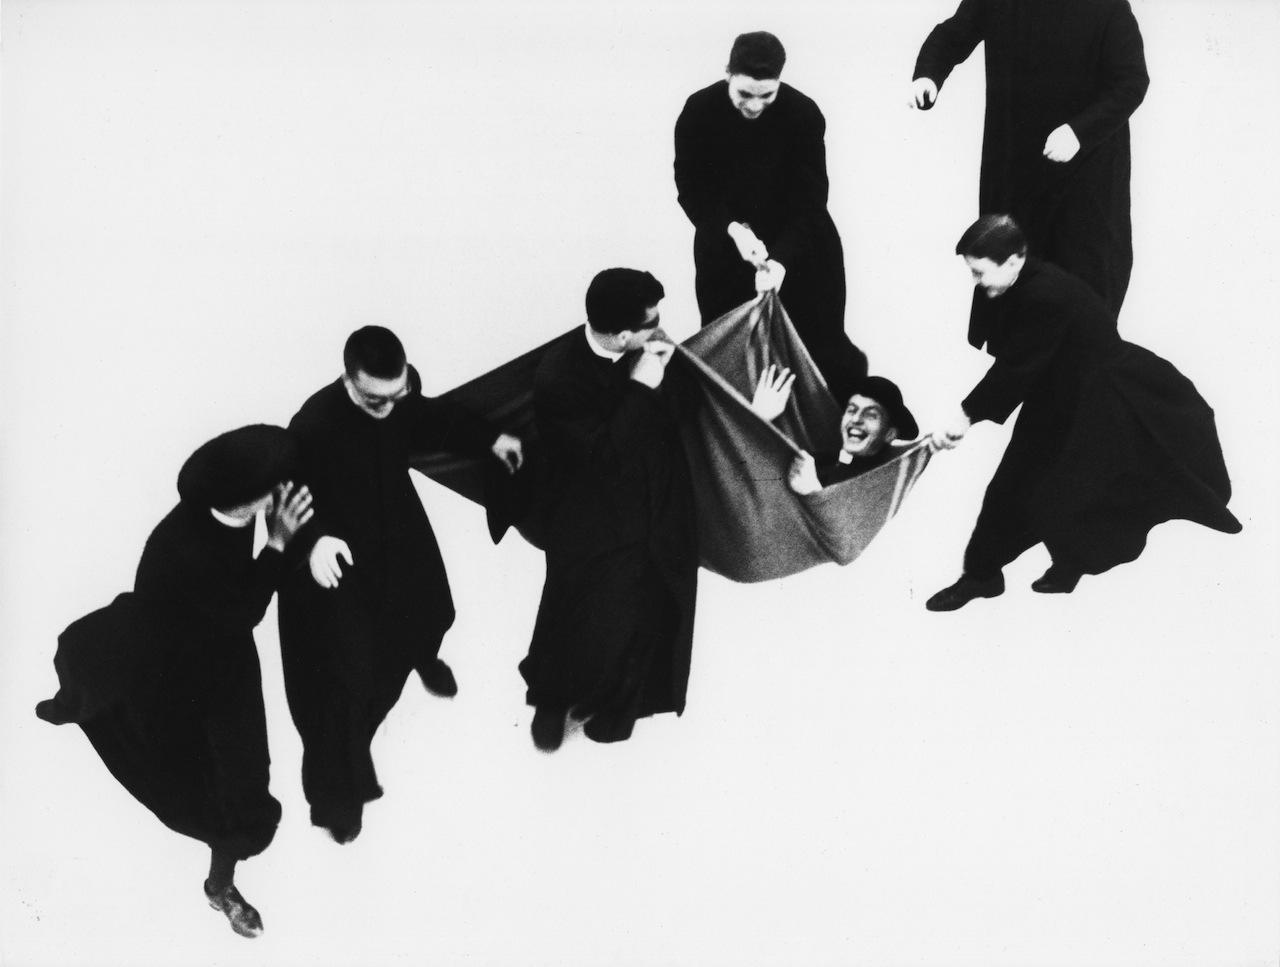 A Senigallia, le fotografie di Mario Giacomelli diventano un'esposizione permanente